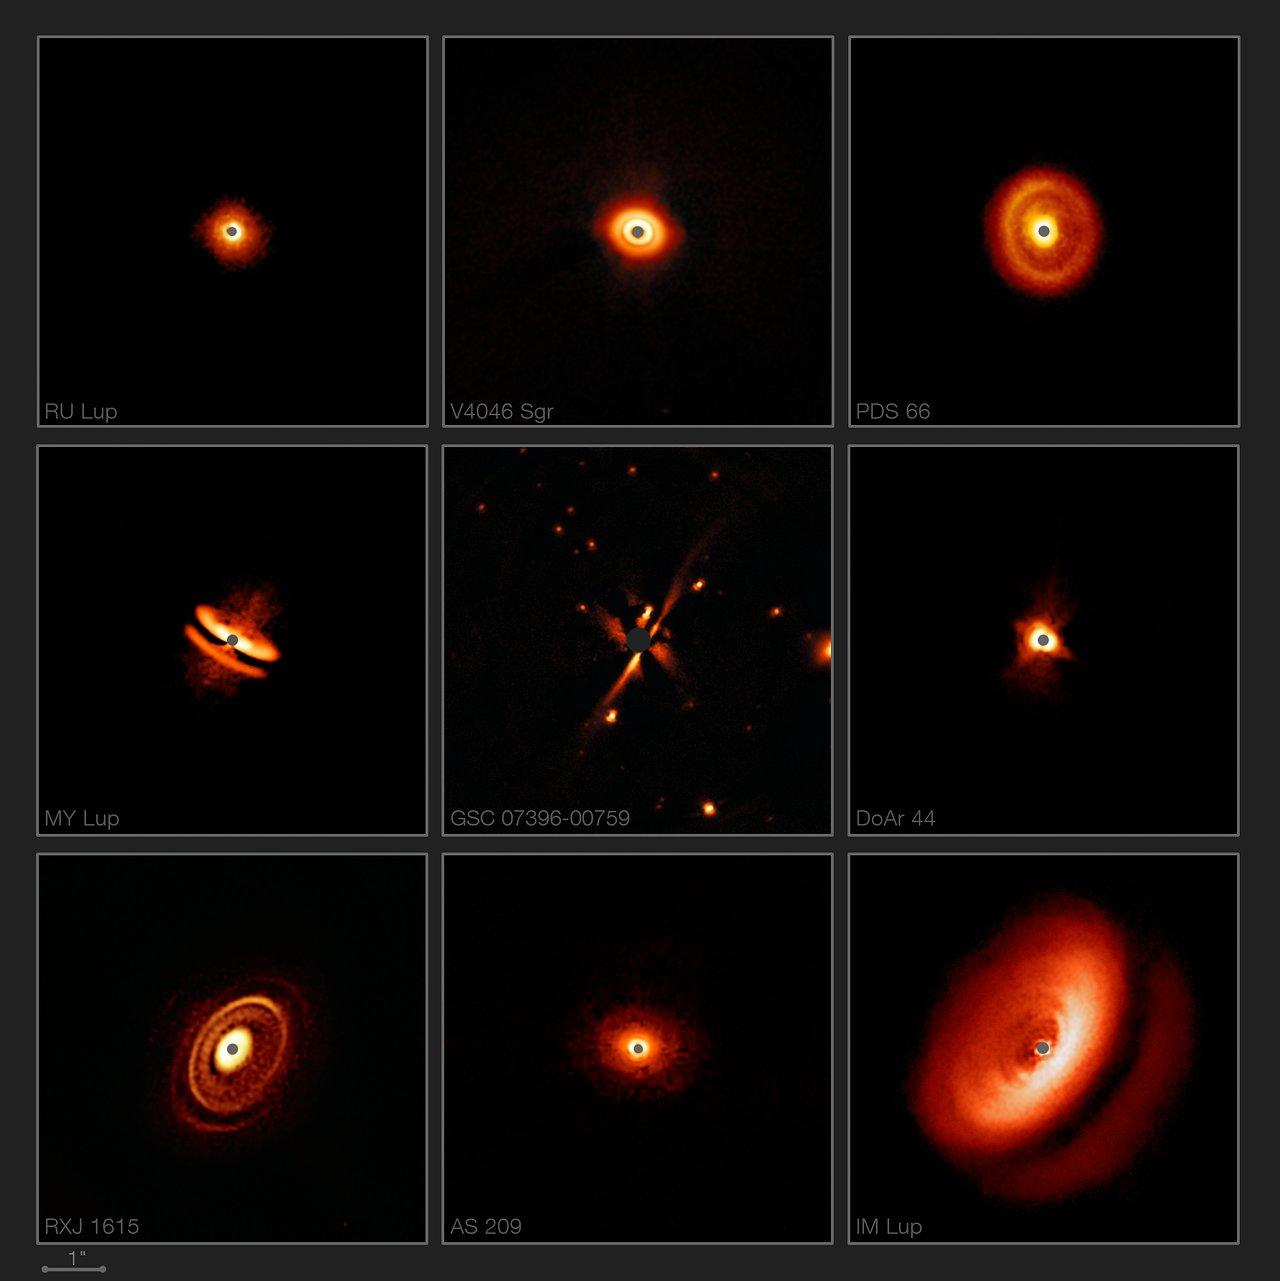 Image Credit:ESO/H. Avenhaus et al./E. Sissa et al./DARTT-S and SHINE collaborations